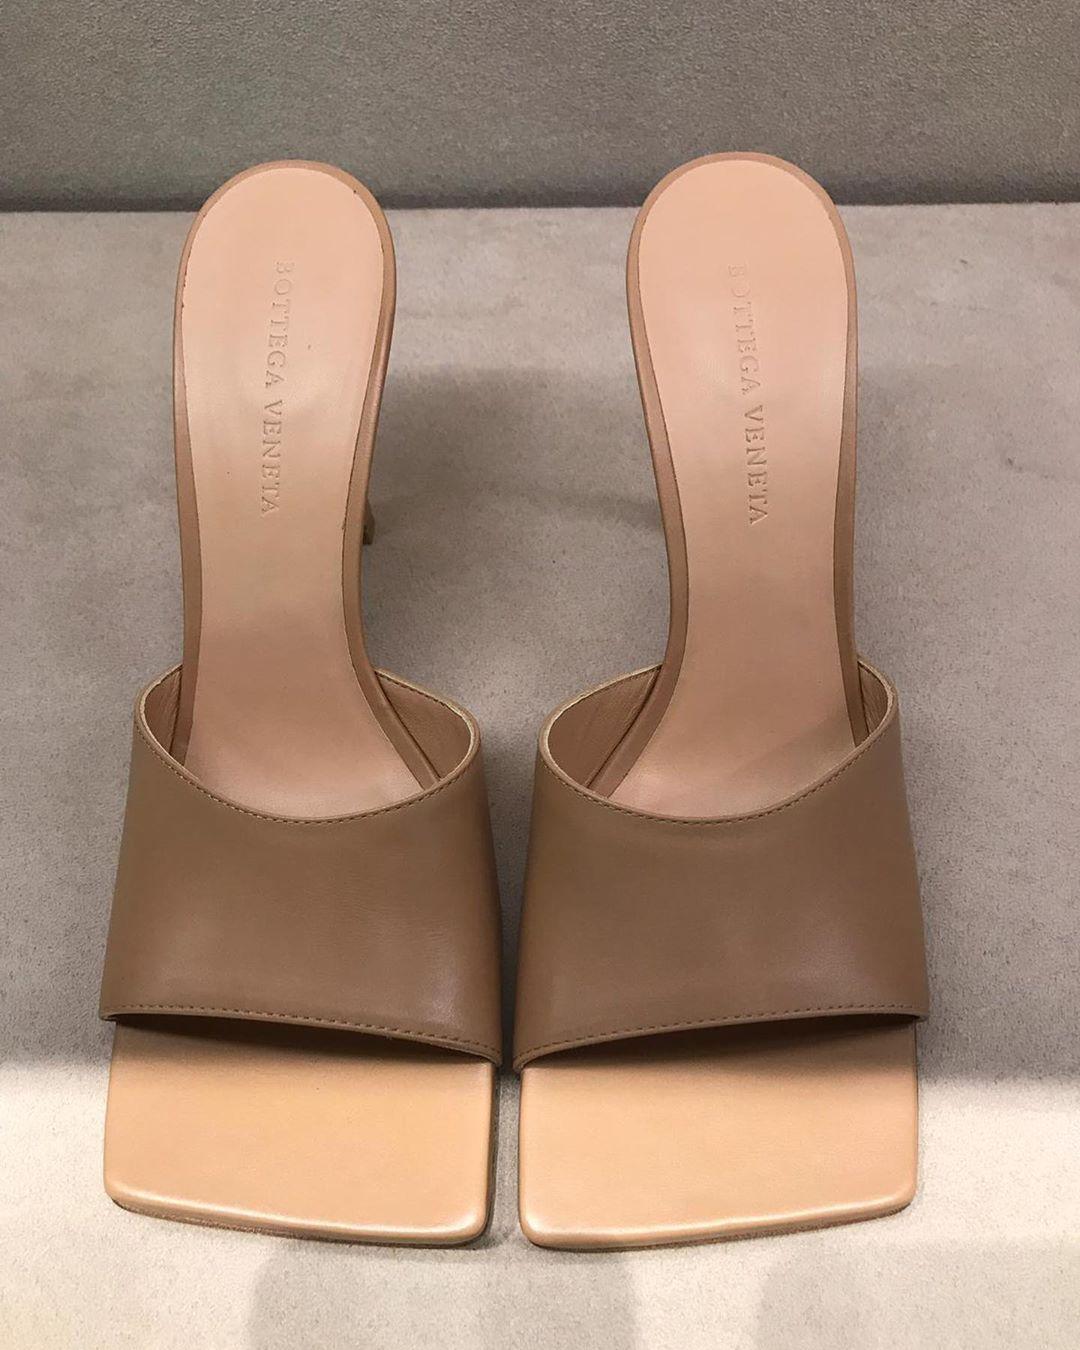 bottega veneta shoes heels